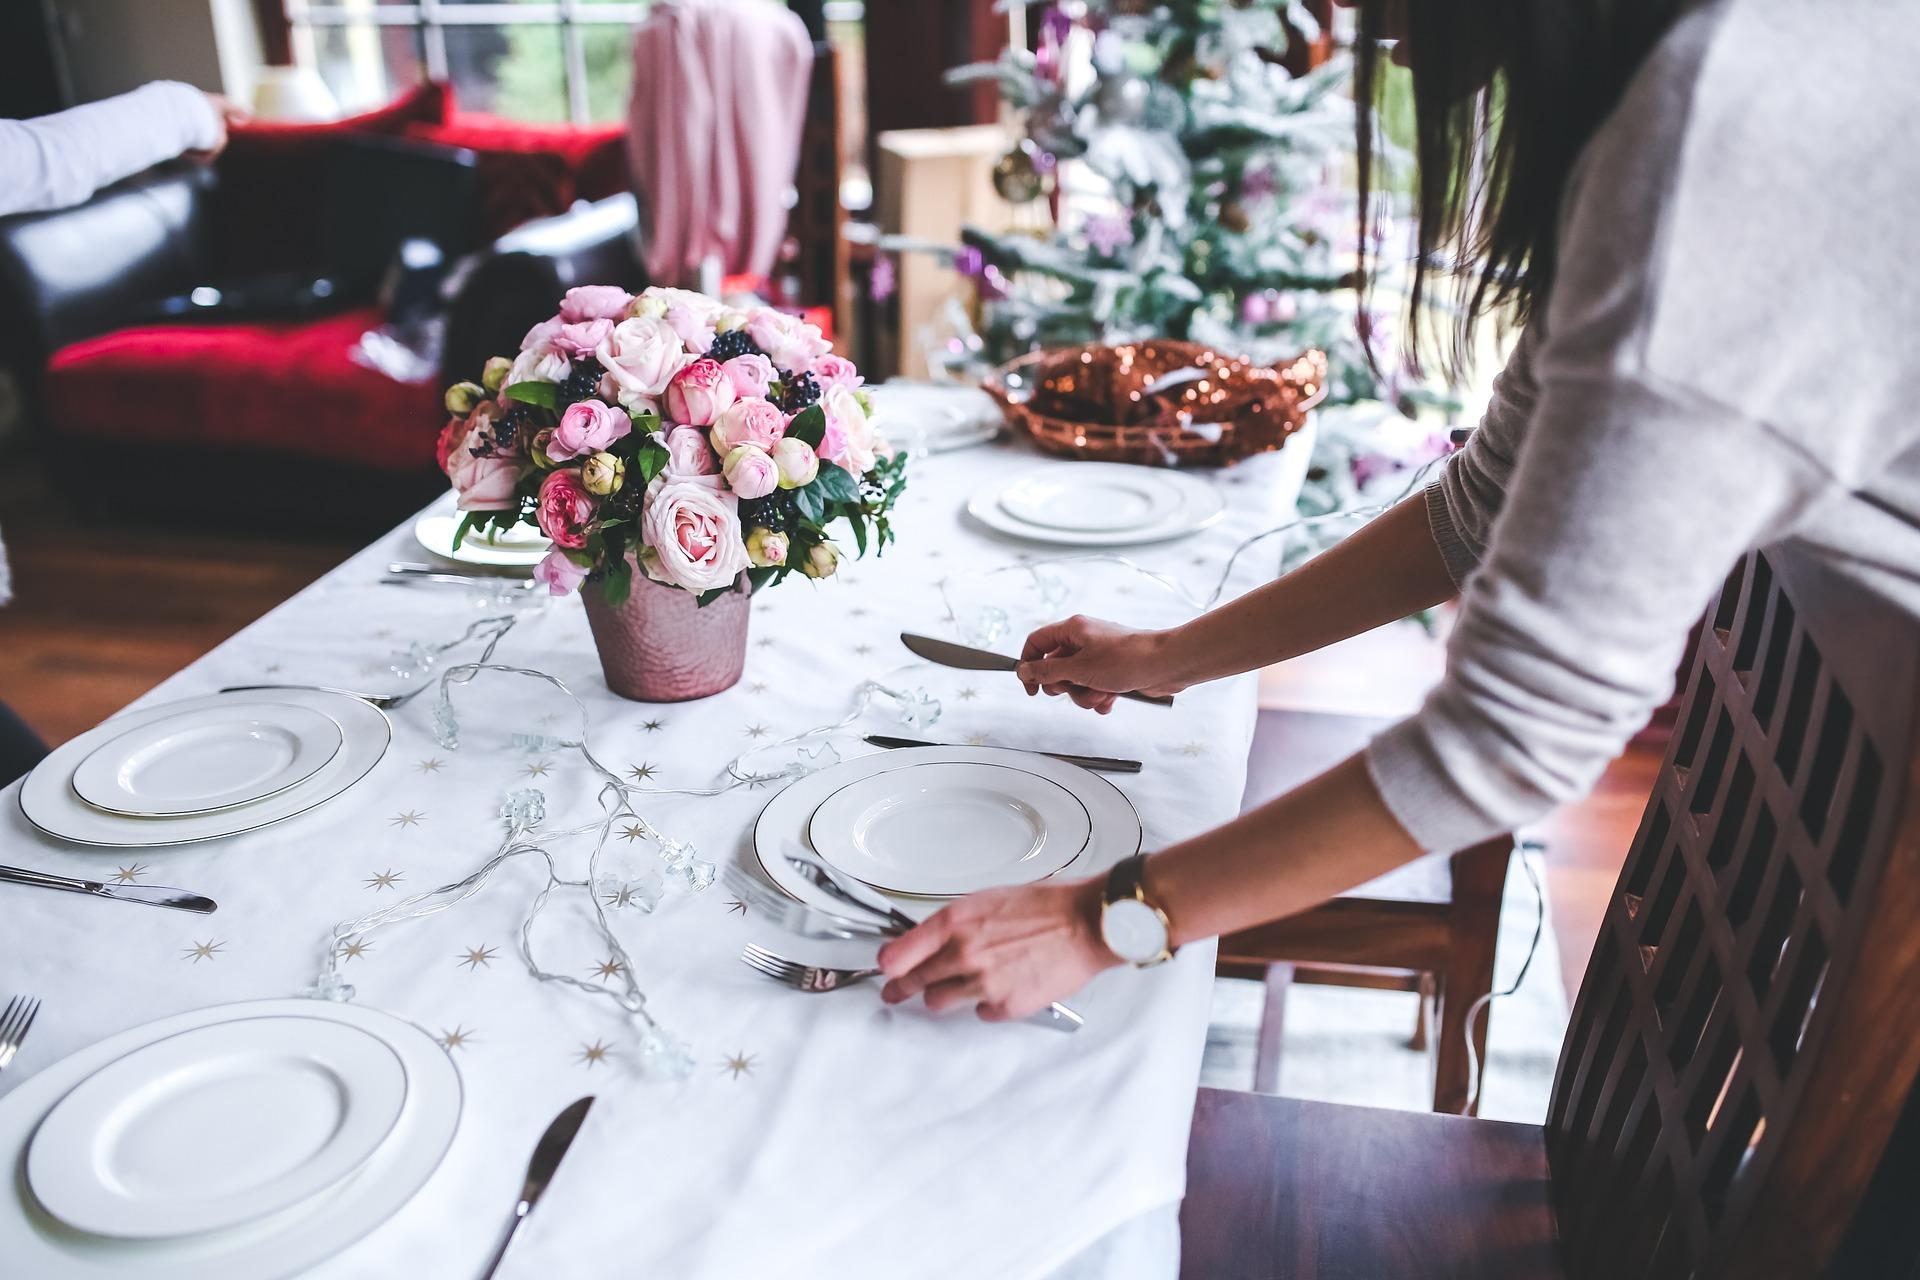 Праздничный стол занятой хозяйки или как не умереть на кухне